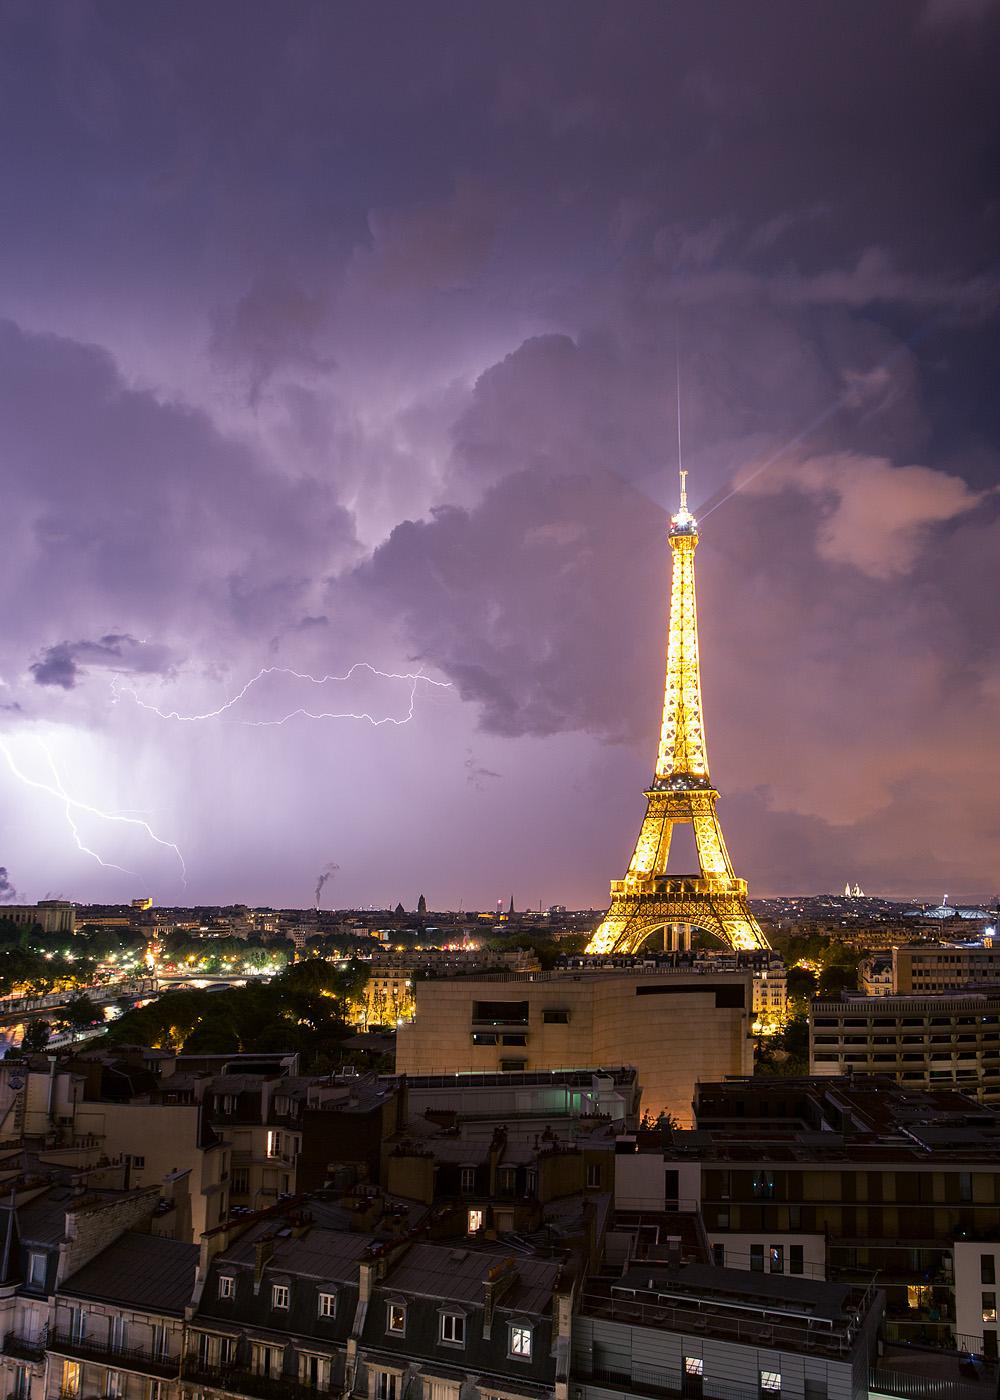 Fotografías tormenta eléctrica en parís